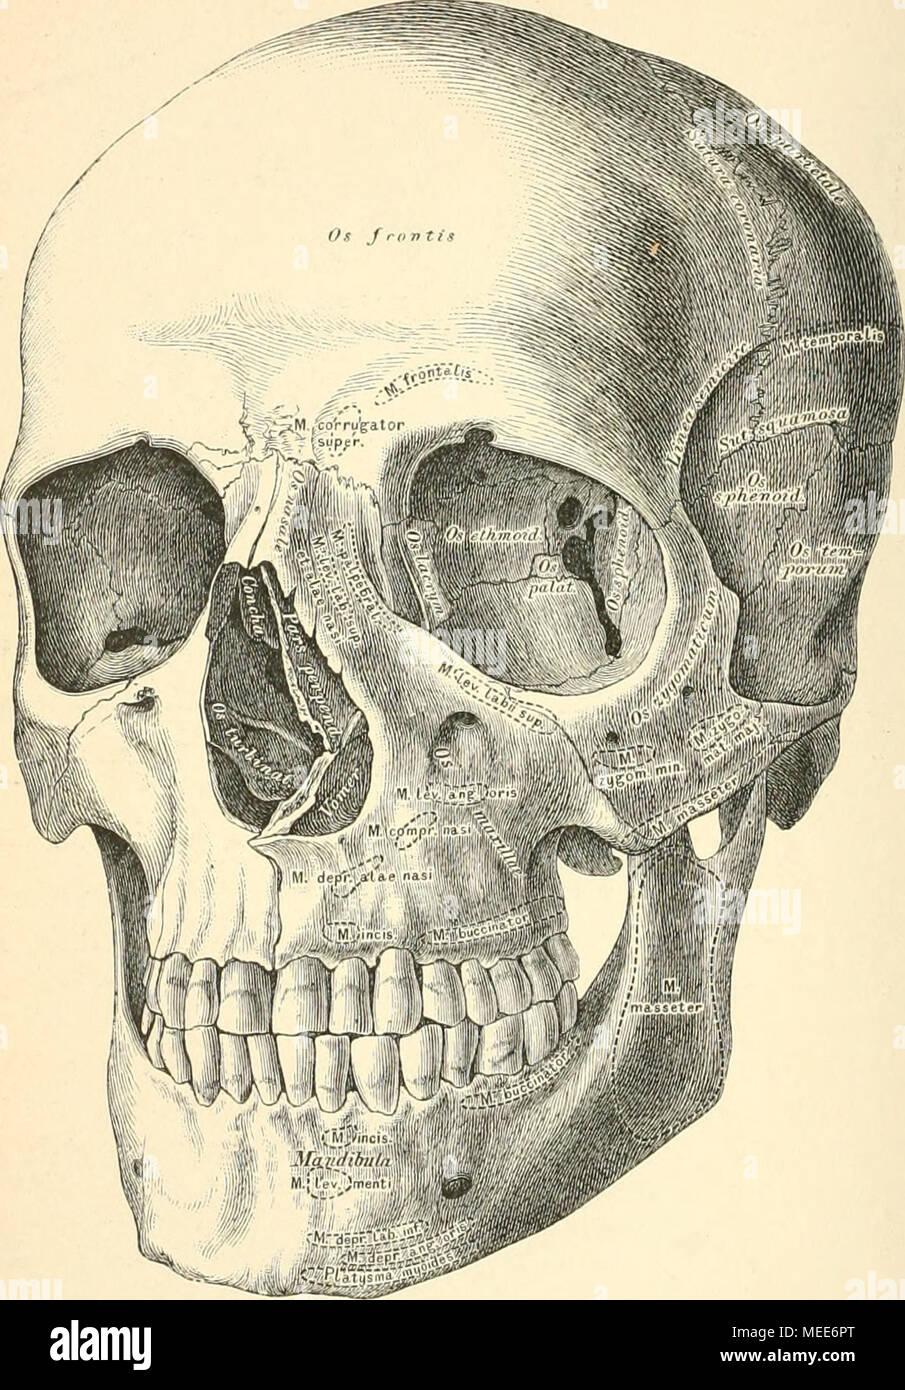 Der Kopf Stockfotos & Der Kopf Bilder - Seite 8 - Alamy